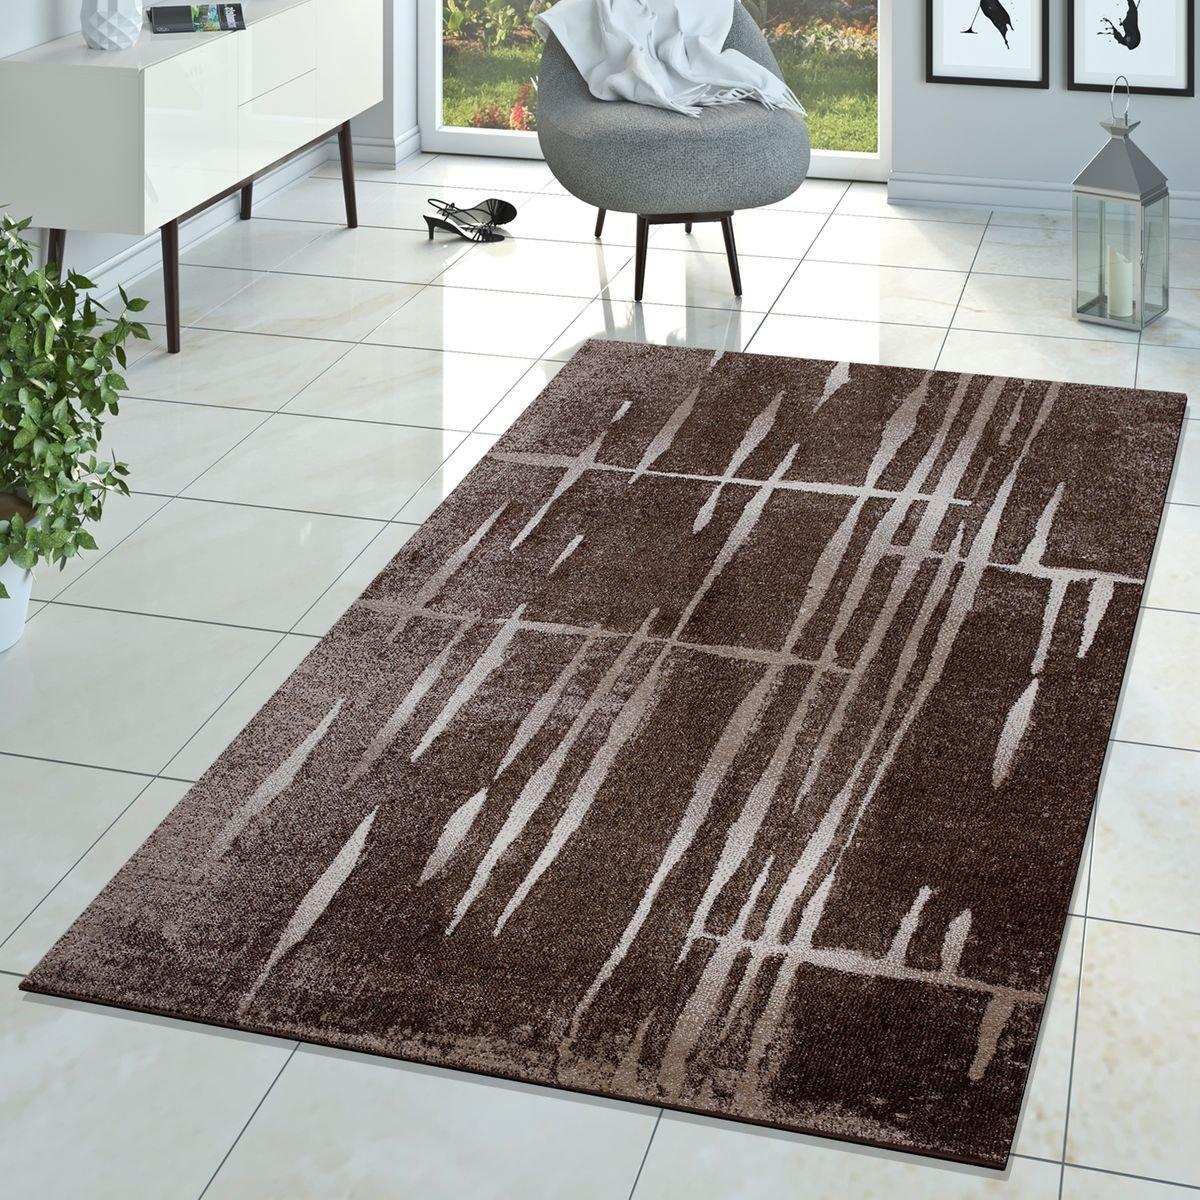 Moderner Wohnzimmer Teppich Matrix Design Kurzflor Meliert Braun Beige Creme, Größe 160x220 cm